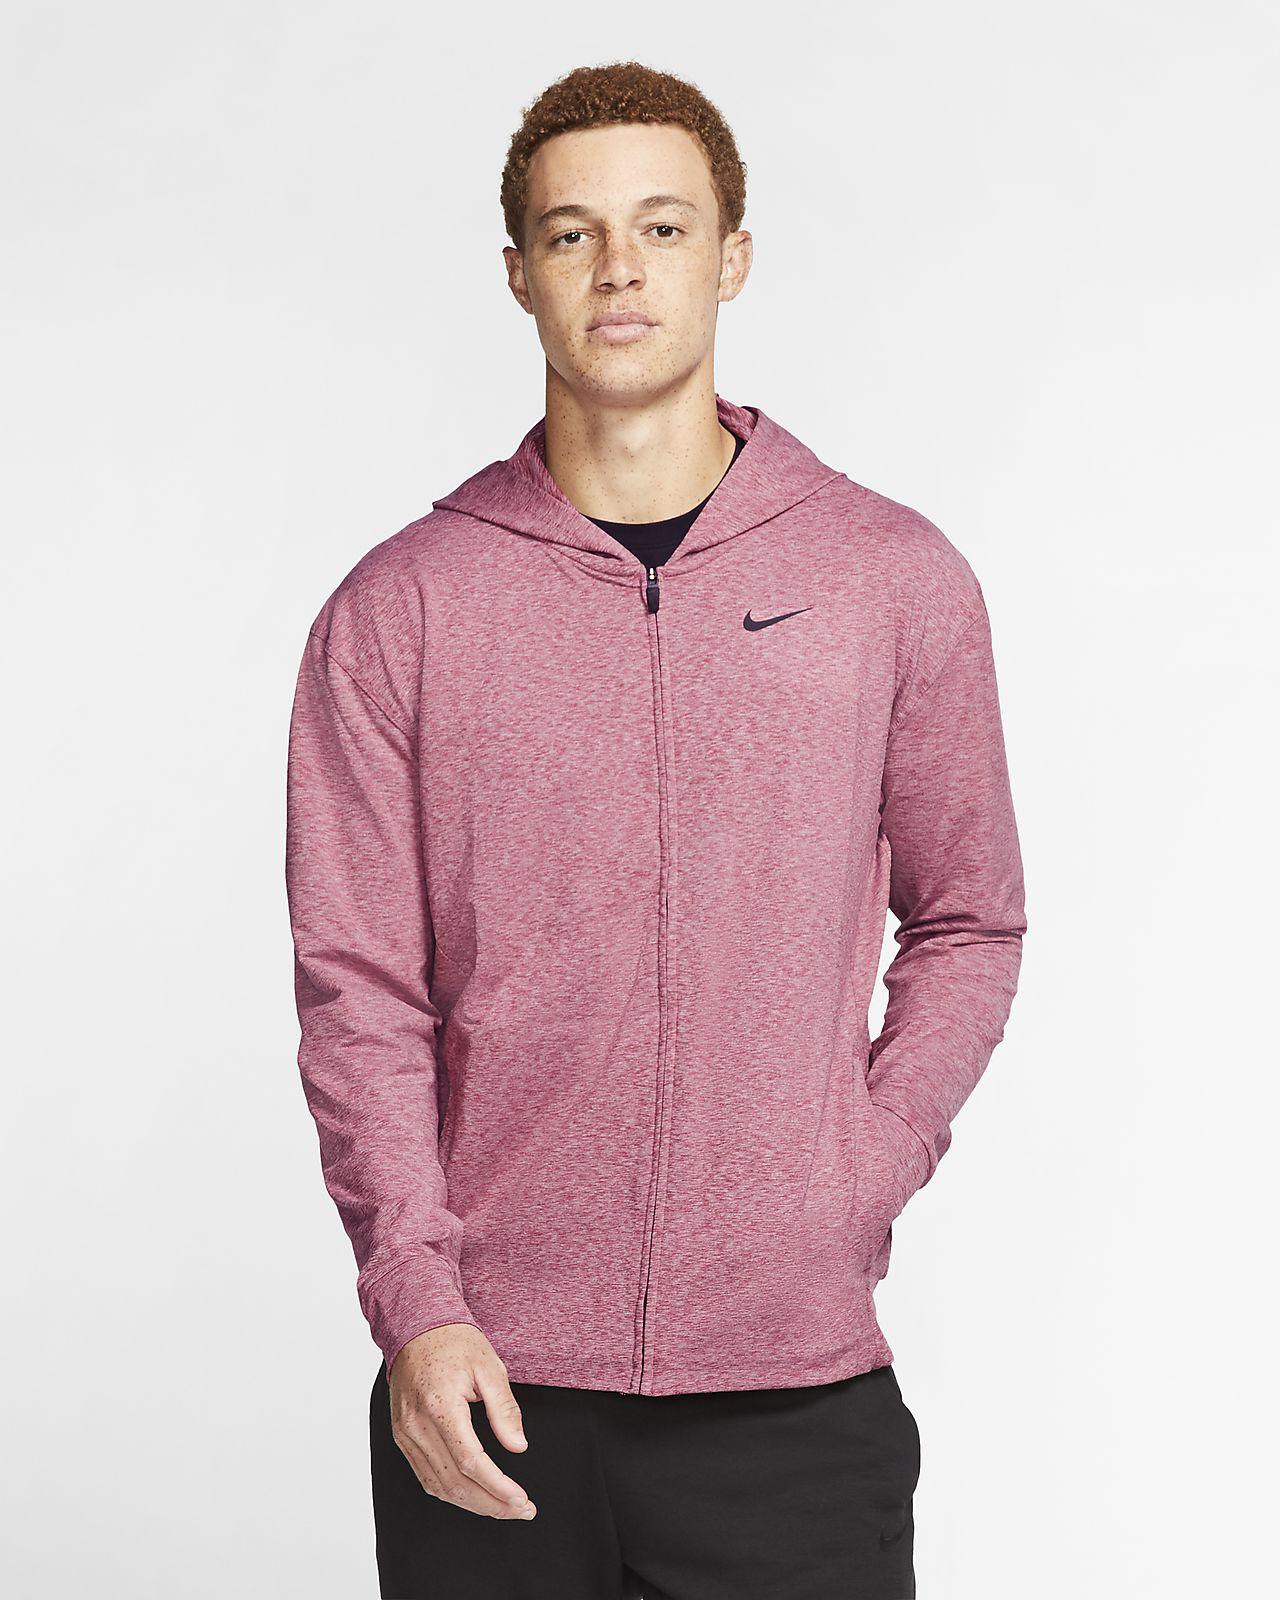 Nike Dri-FIT Sudadera con capucha de entrenamiento de yoga con cremallera completa - Hombre